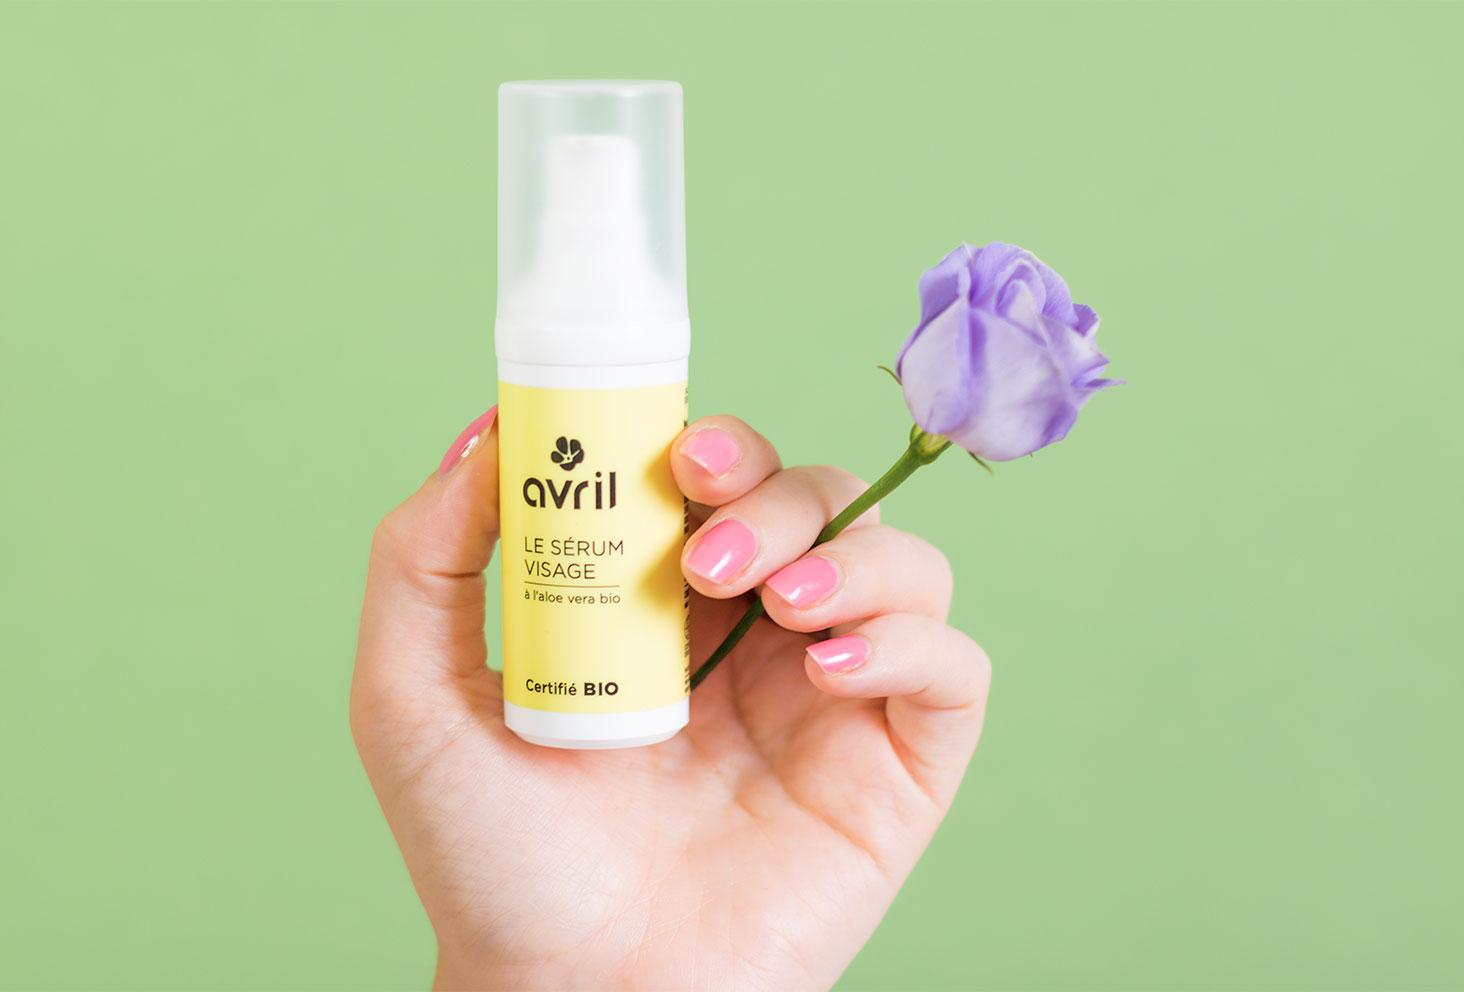 Zoom sur le packaging du sérum pour visage à l'aloe vera bio de la marque Avril